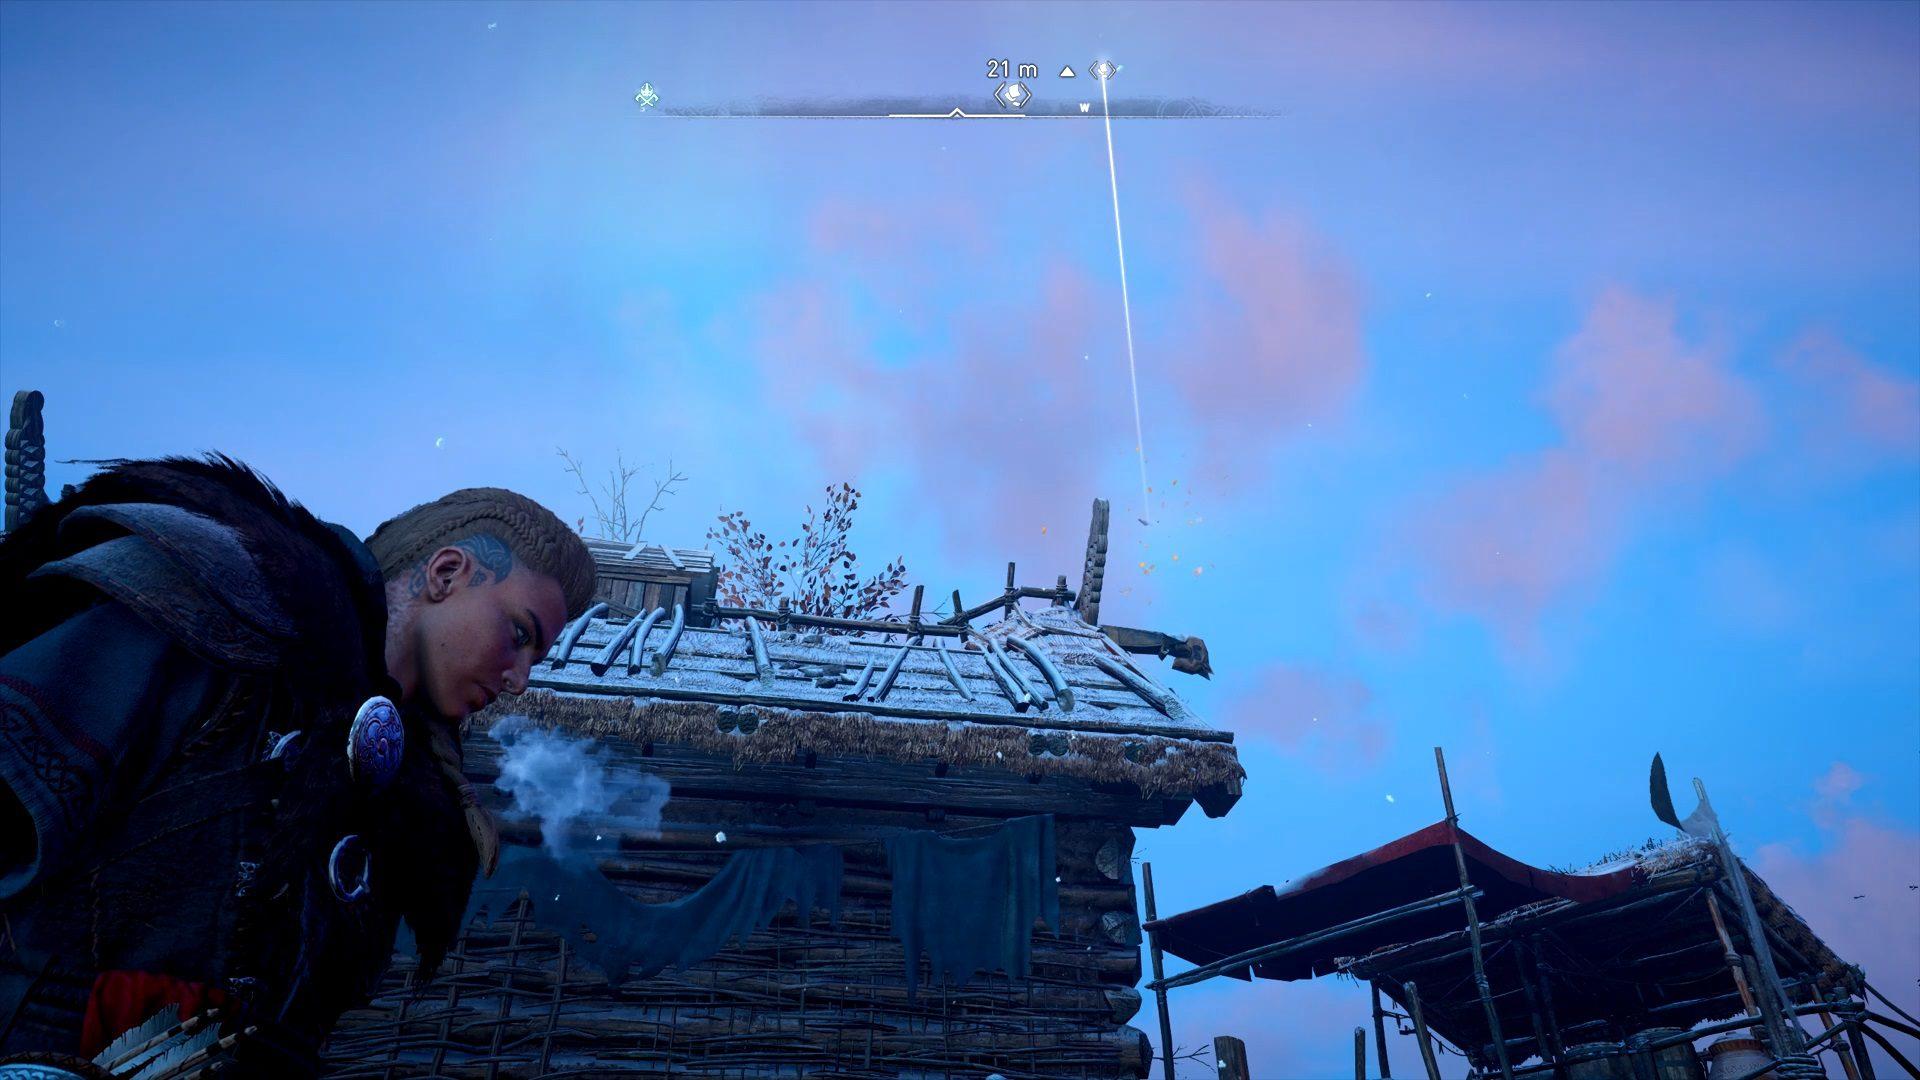 Assassin's Creed Valhalla Rygjafylke Flying Paper Location 2